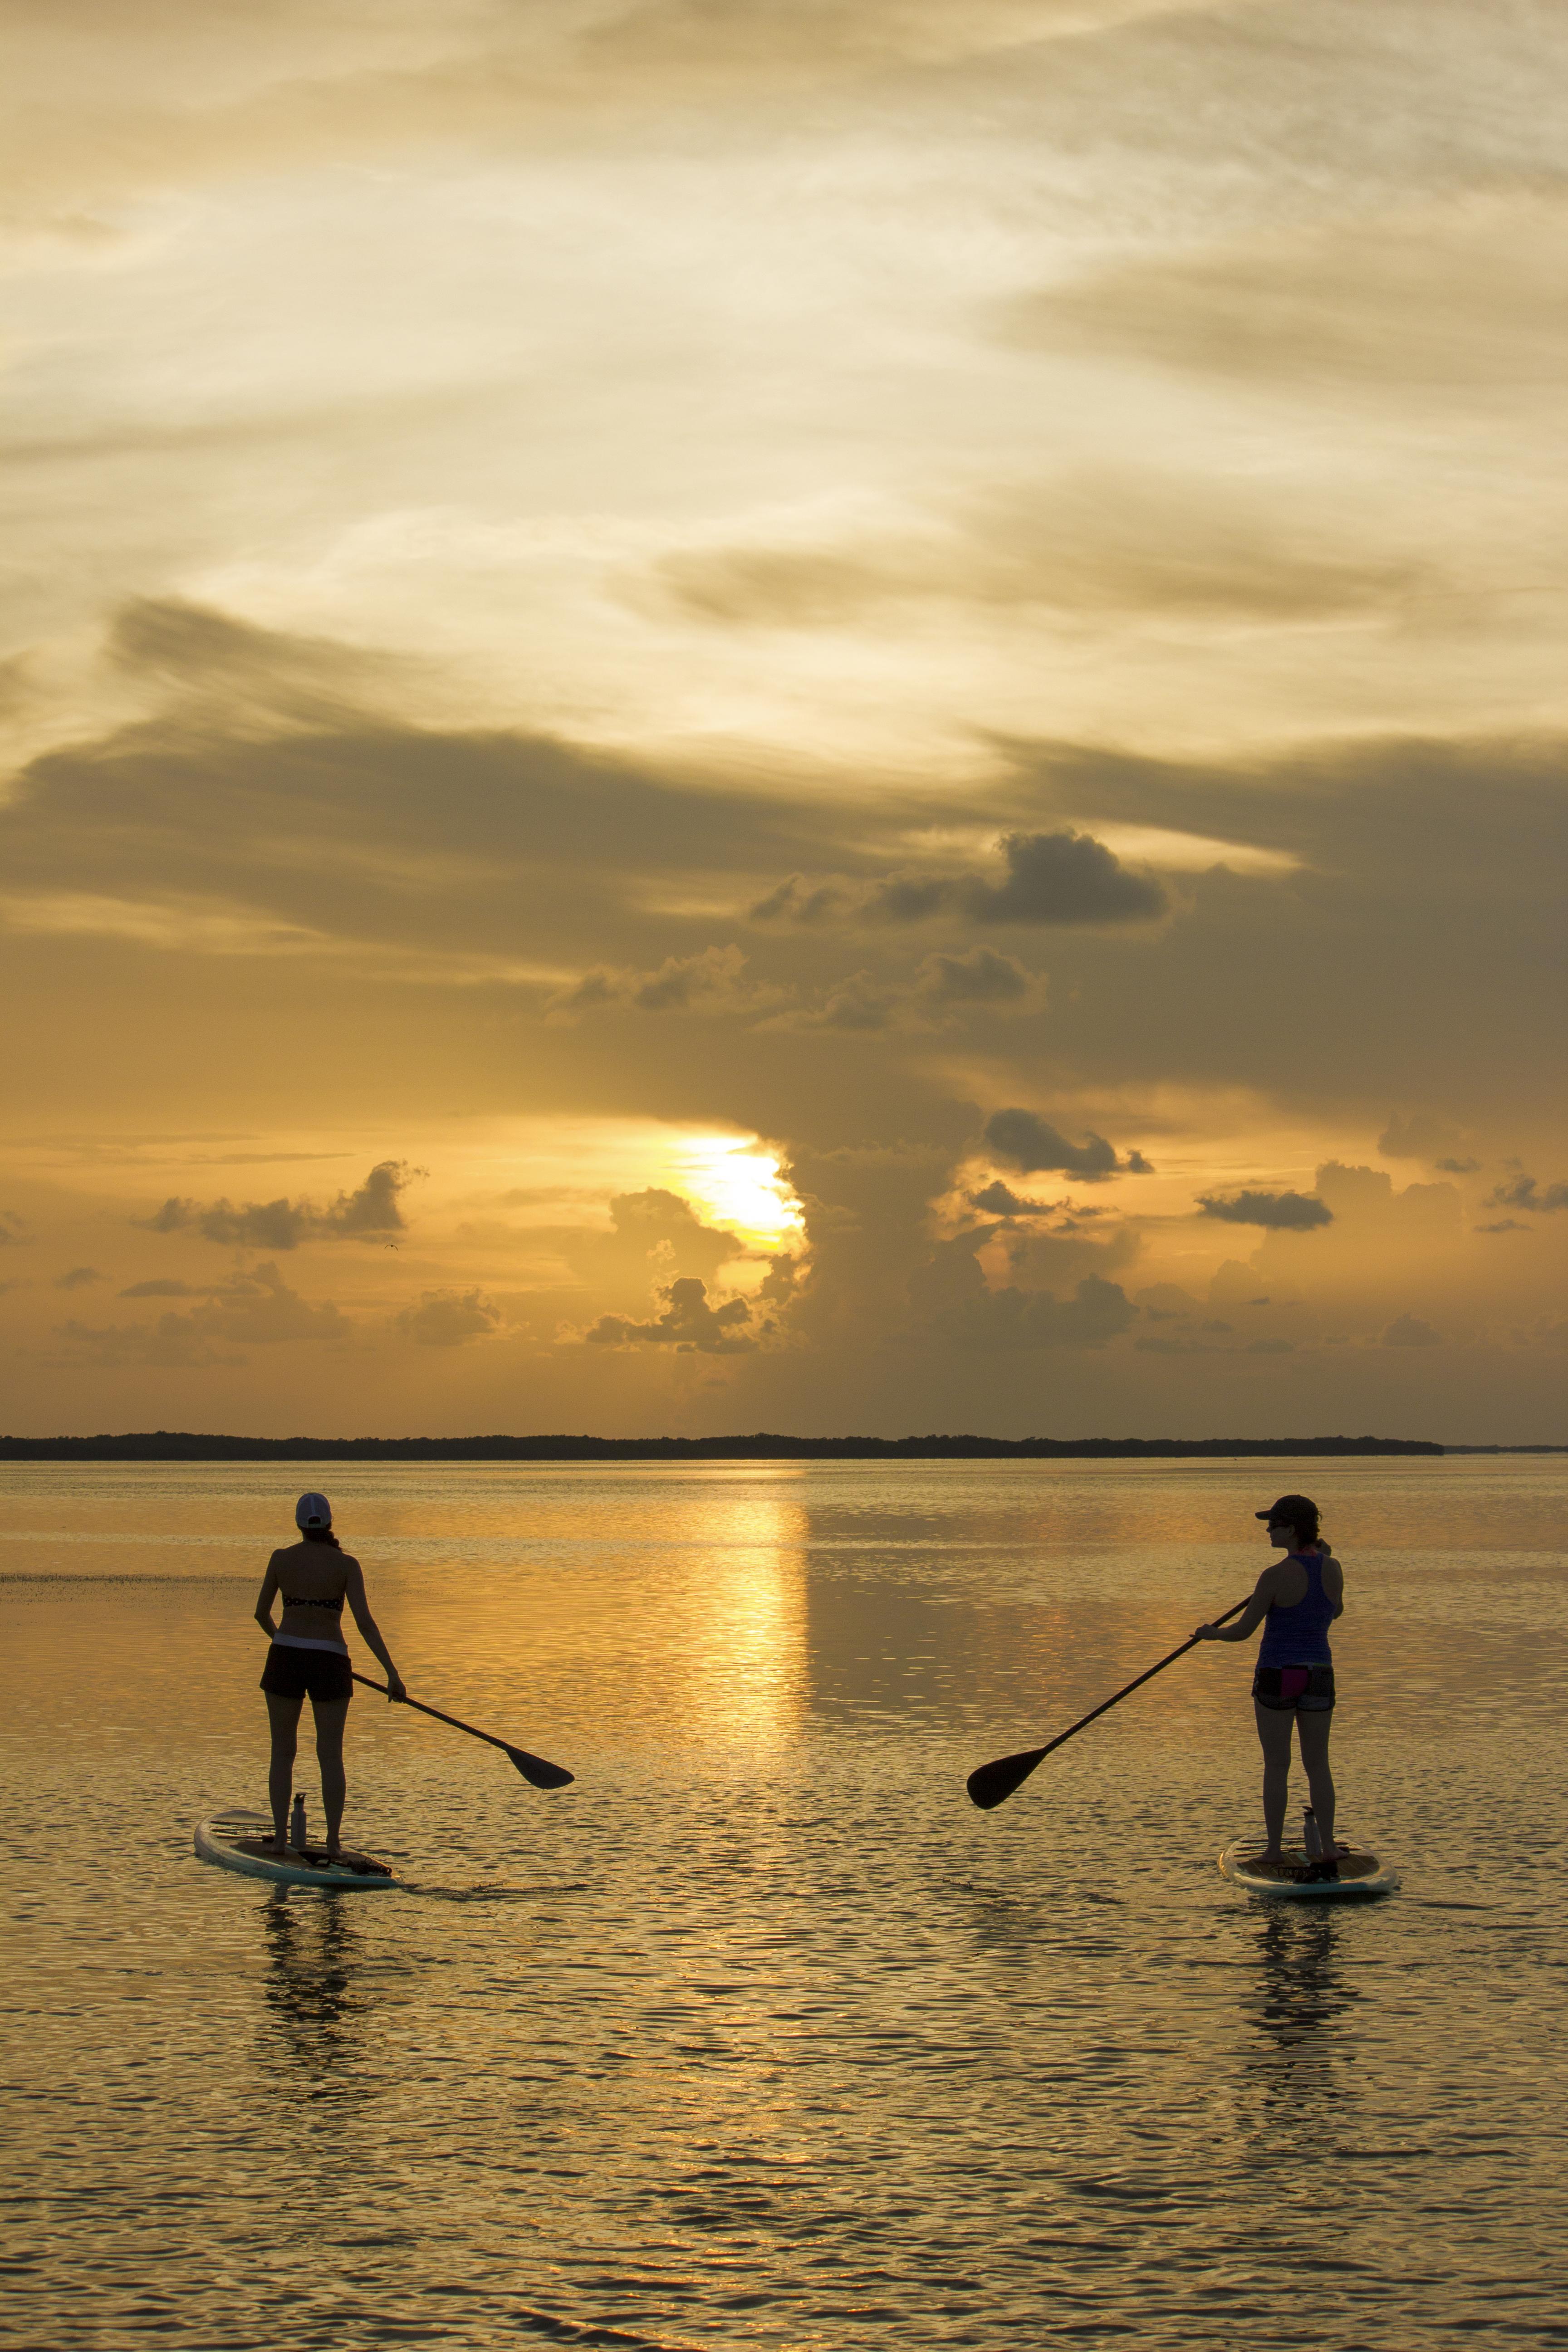 A Sunset in Balance